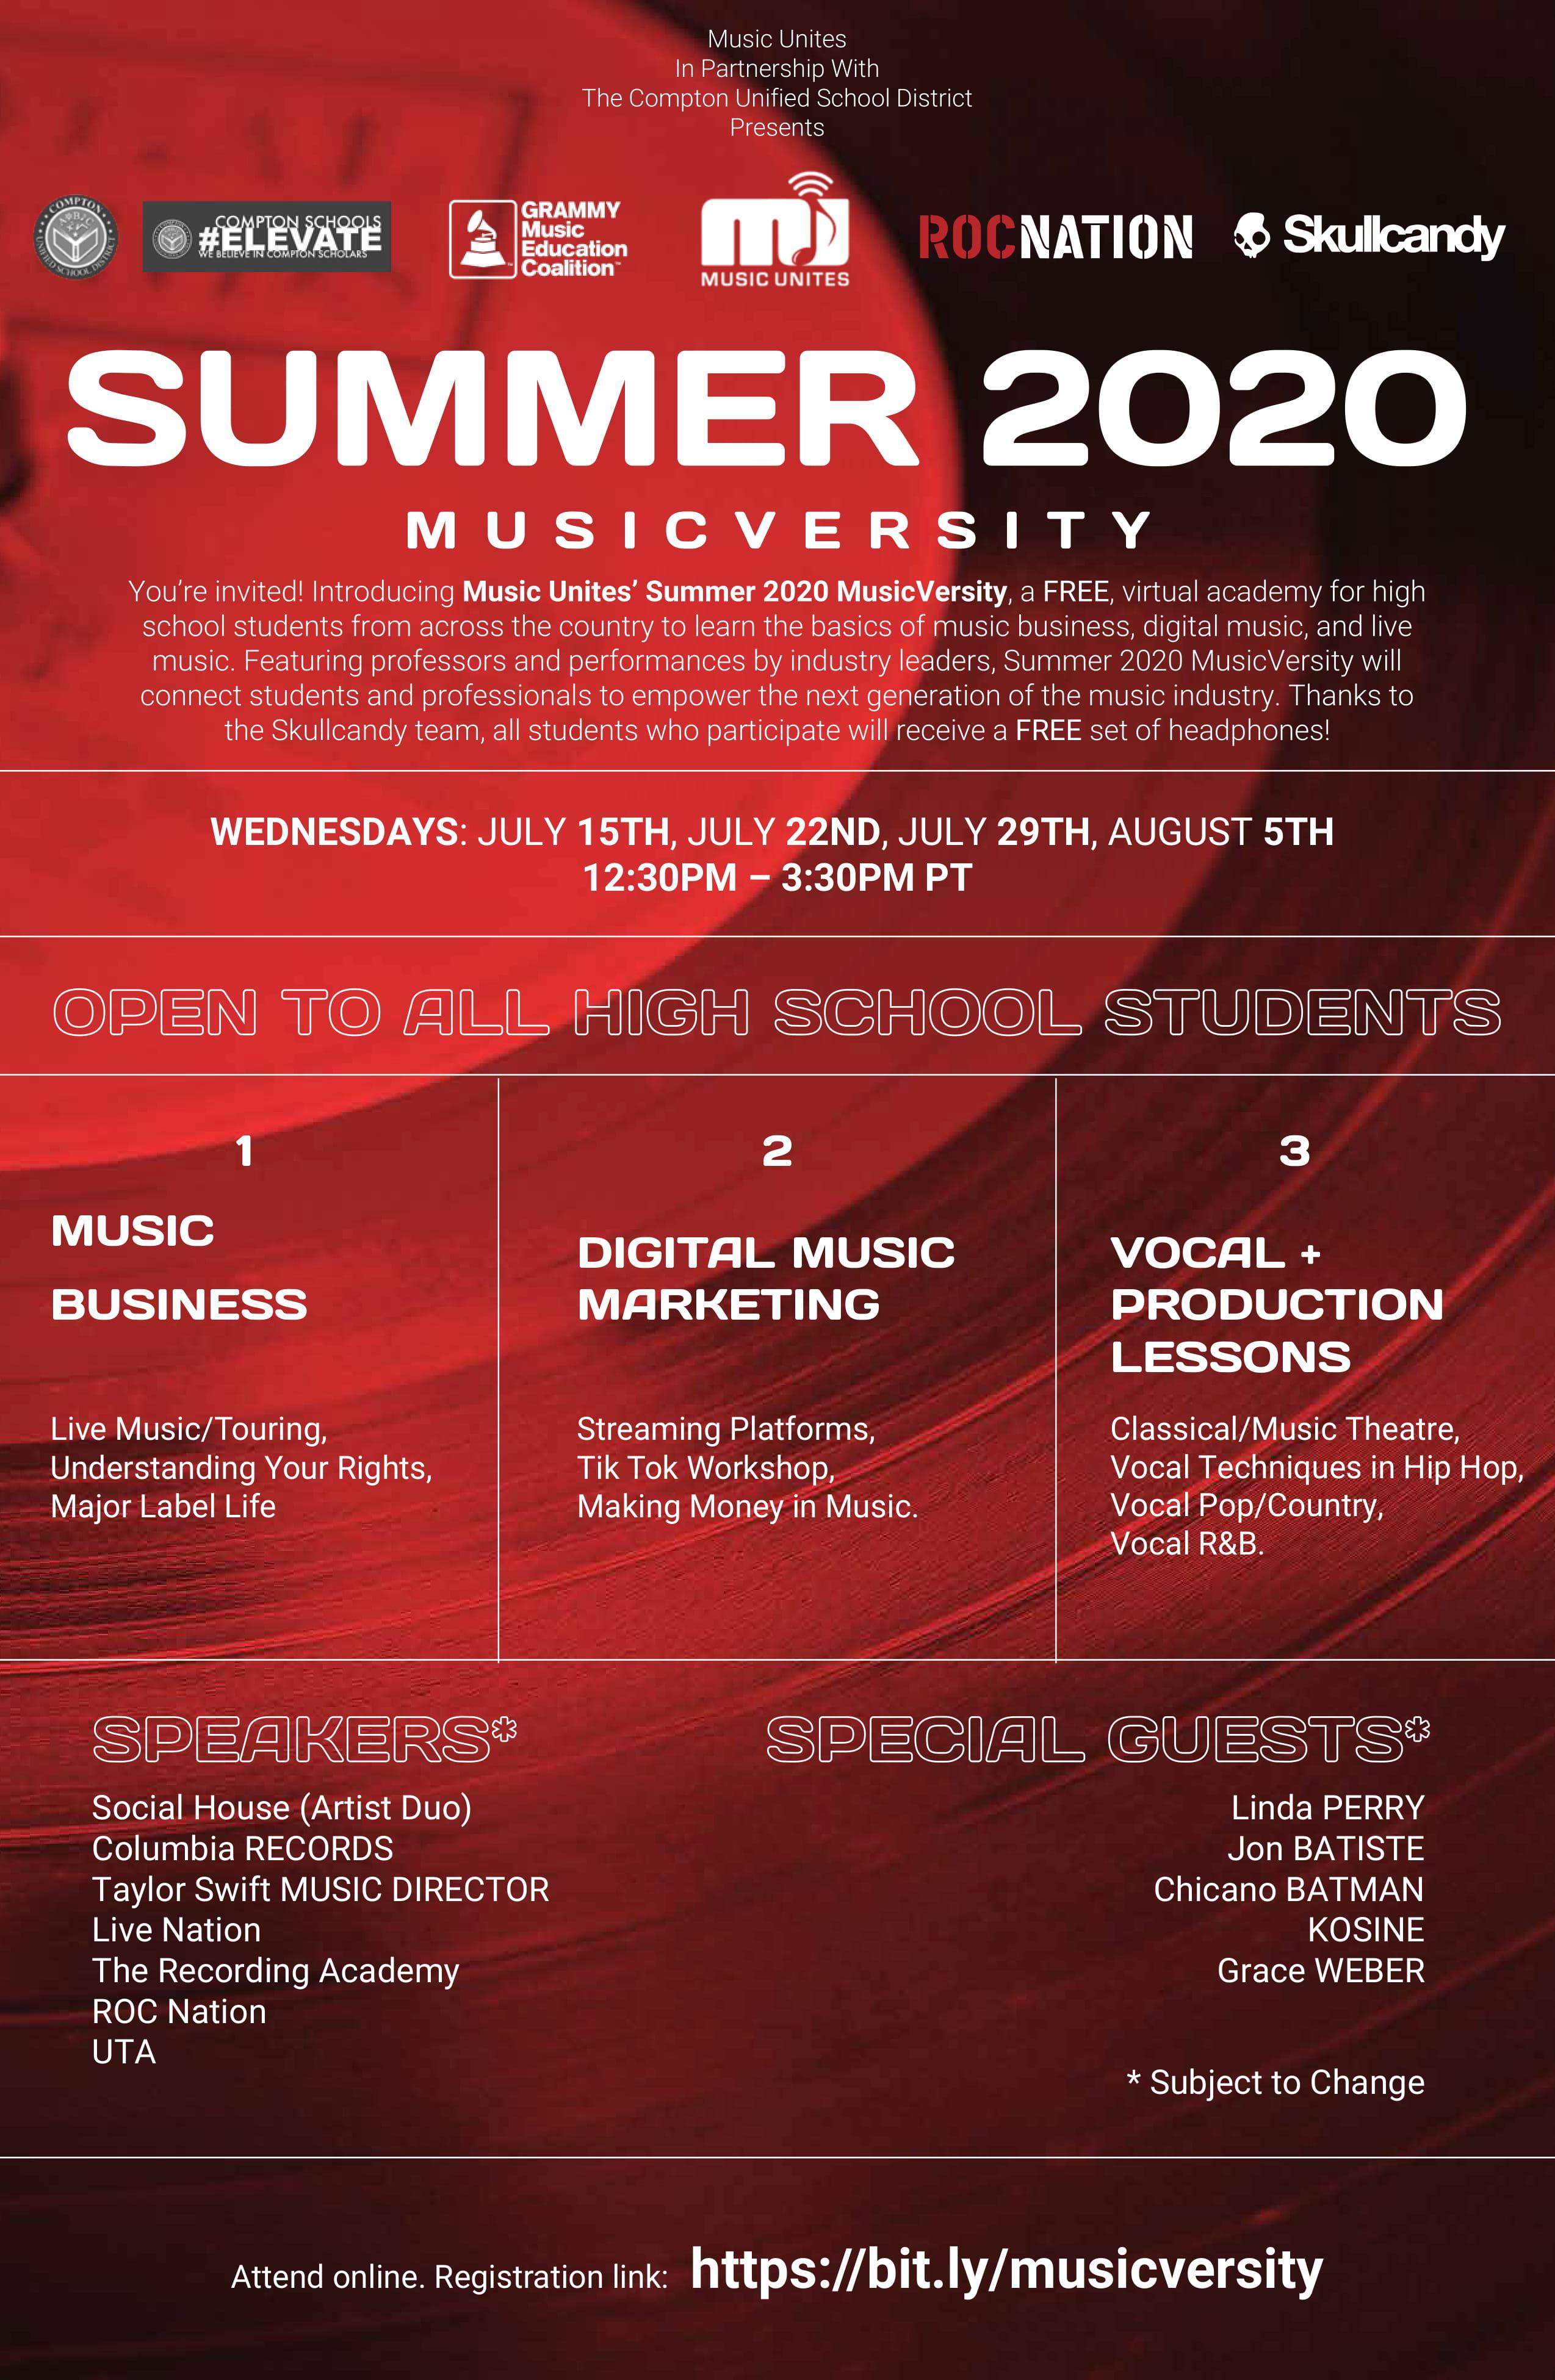 Music Unites Summer 2020 MusicVerstiy-1